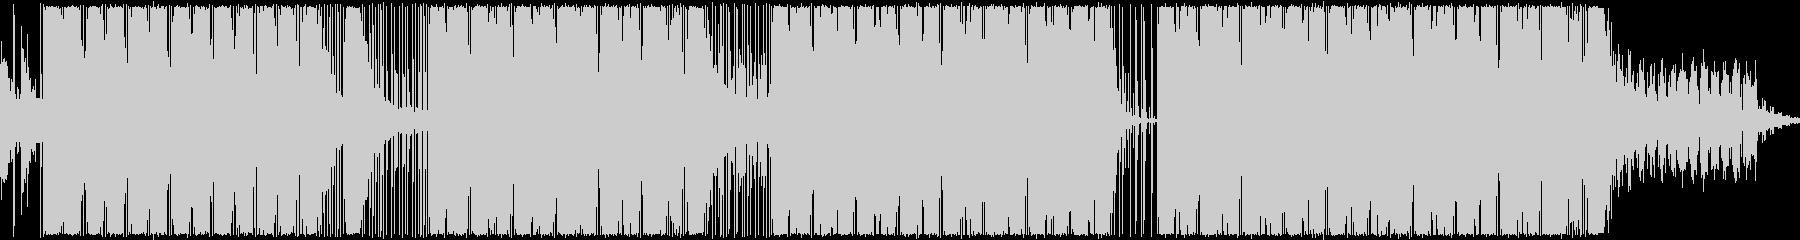 ジングル。最小化、ドラムマシン、奇...の未再生の波形